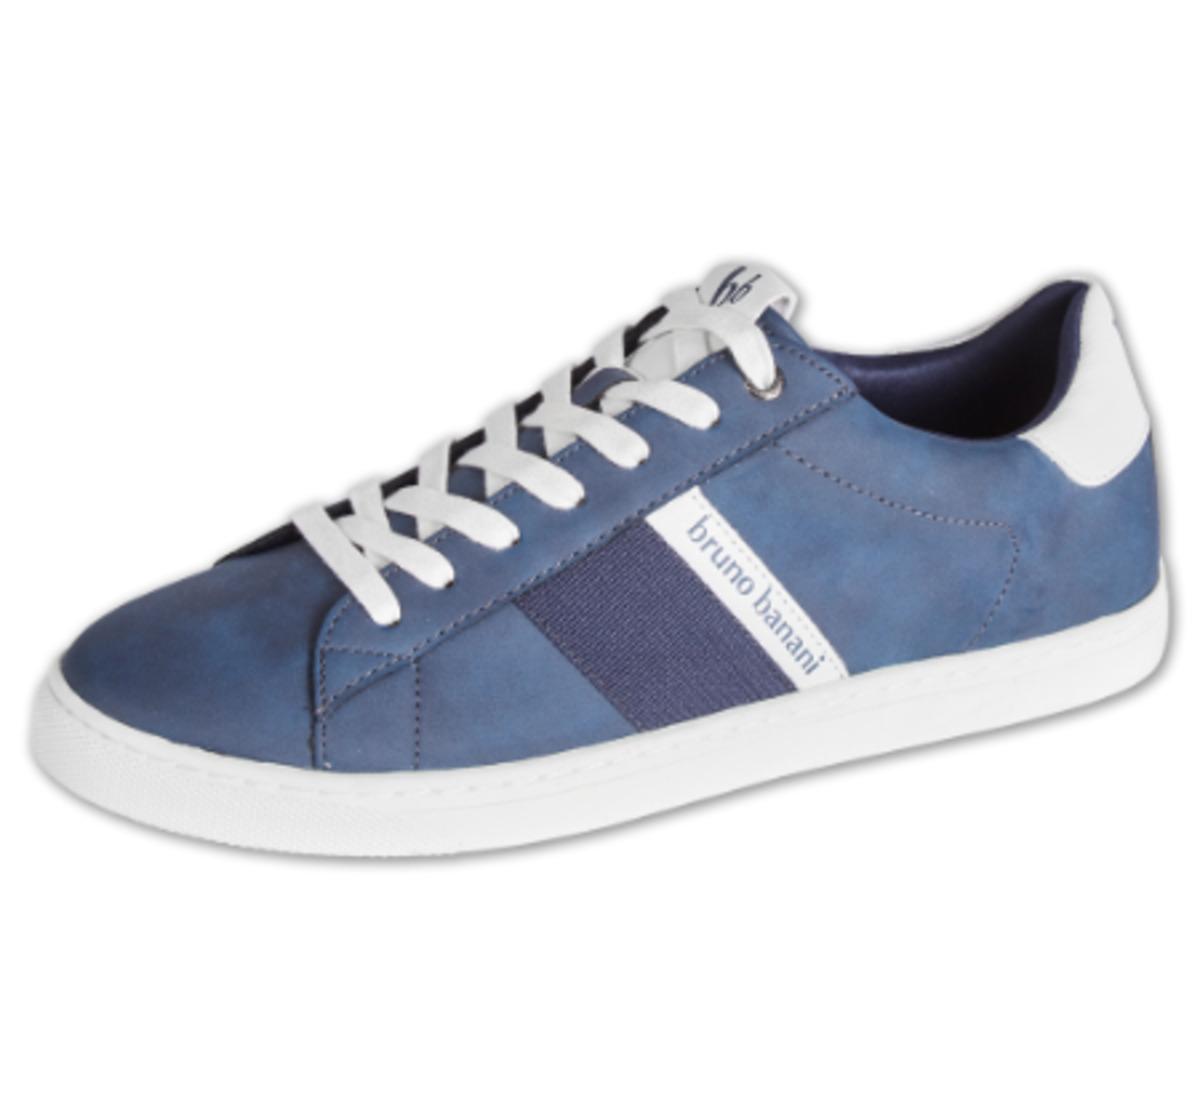 Bild 3 von BRUNO BANANI Sportliche Herren-Sneaker